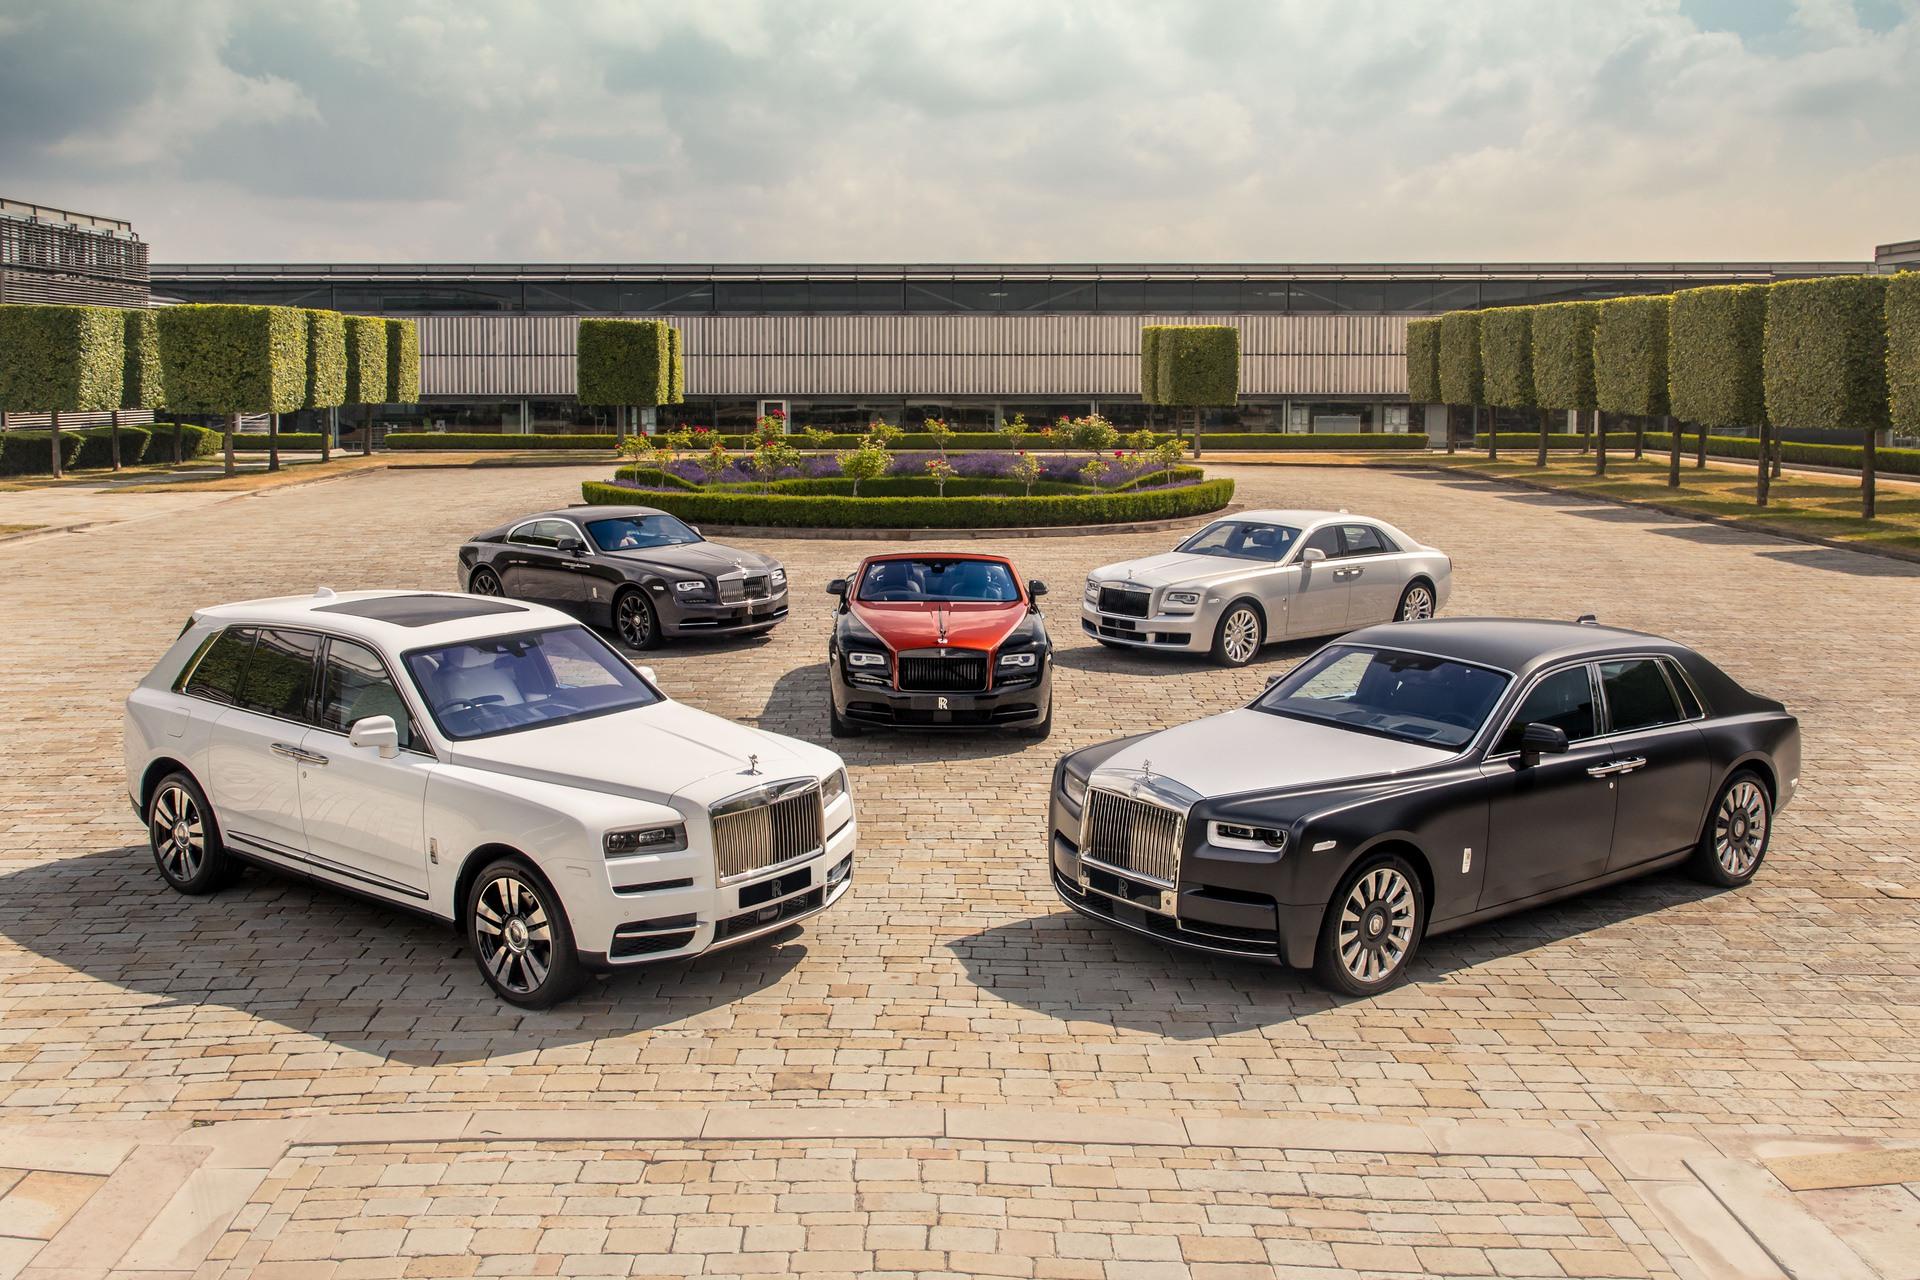 Rolls Royce Home Goodwood 24